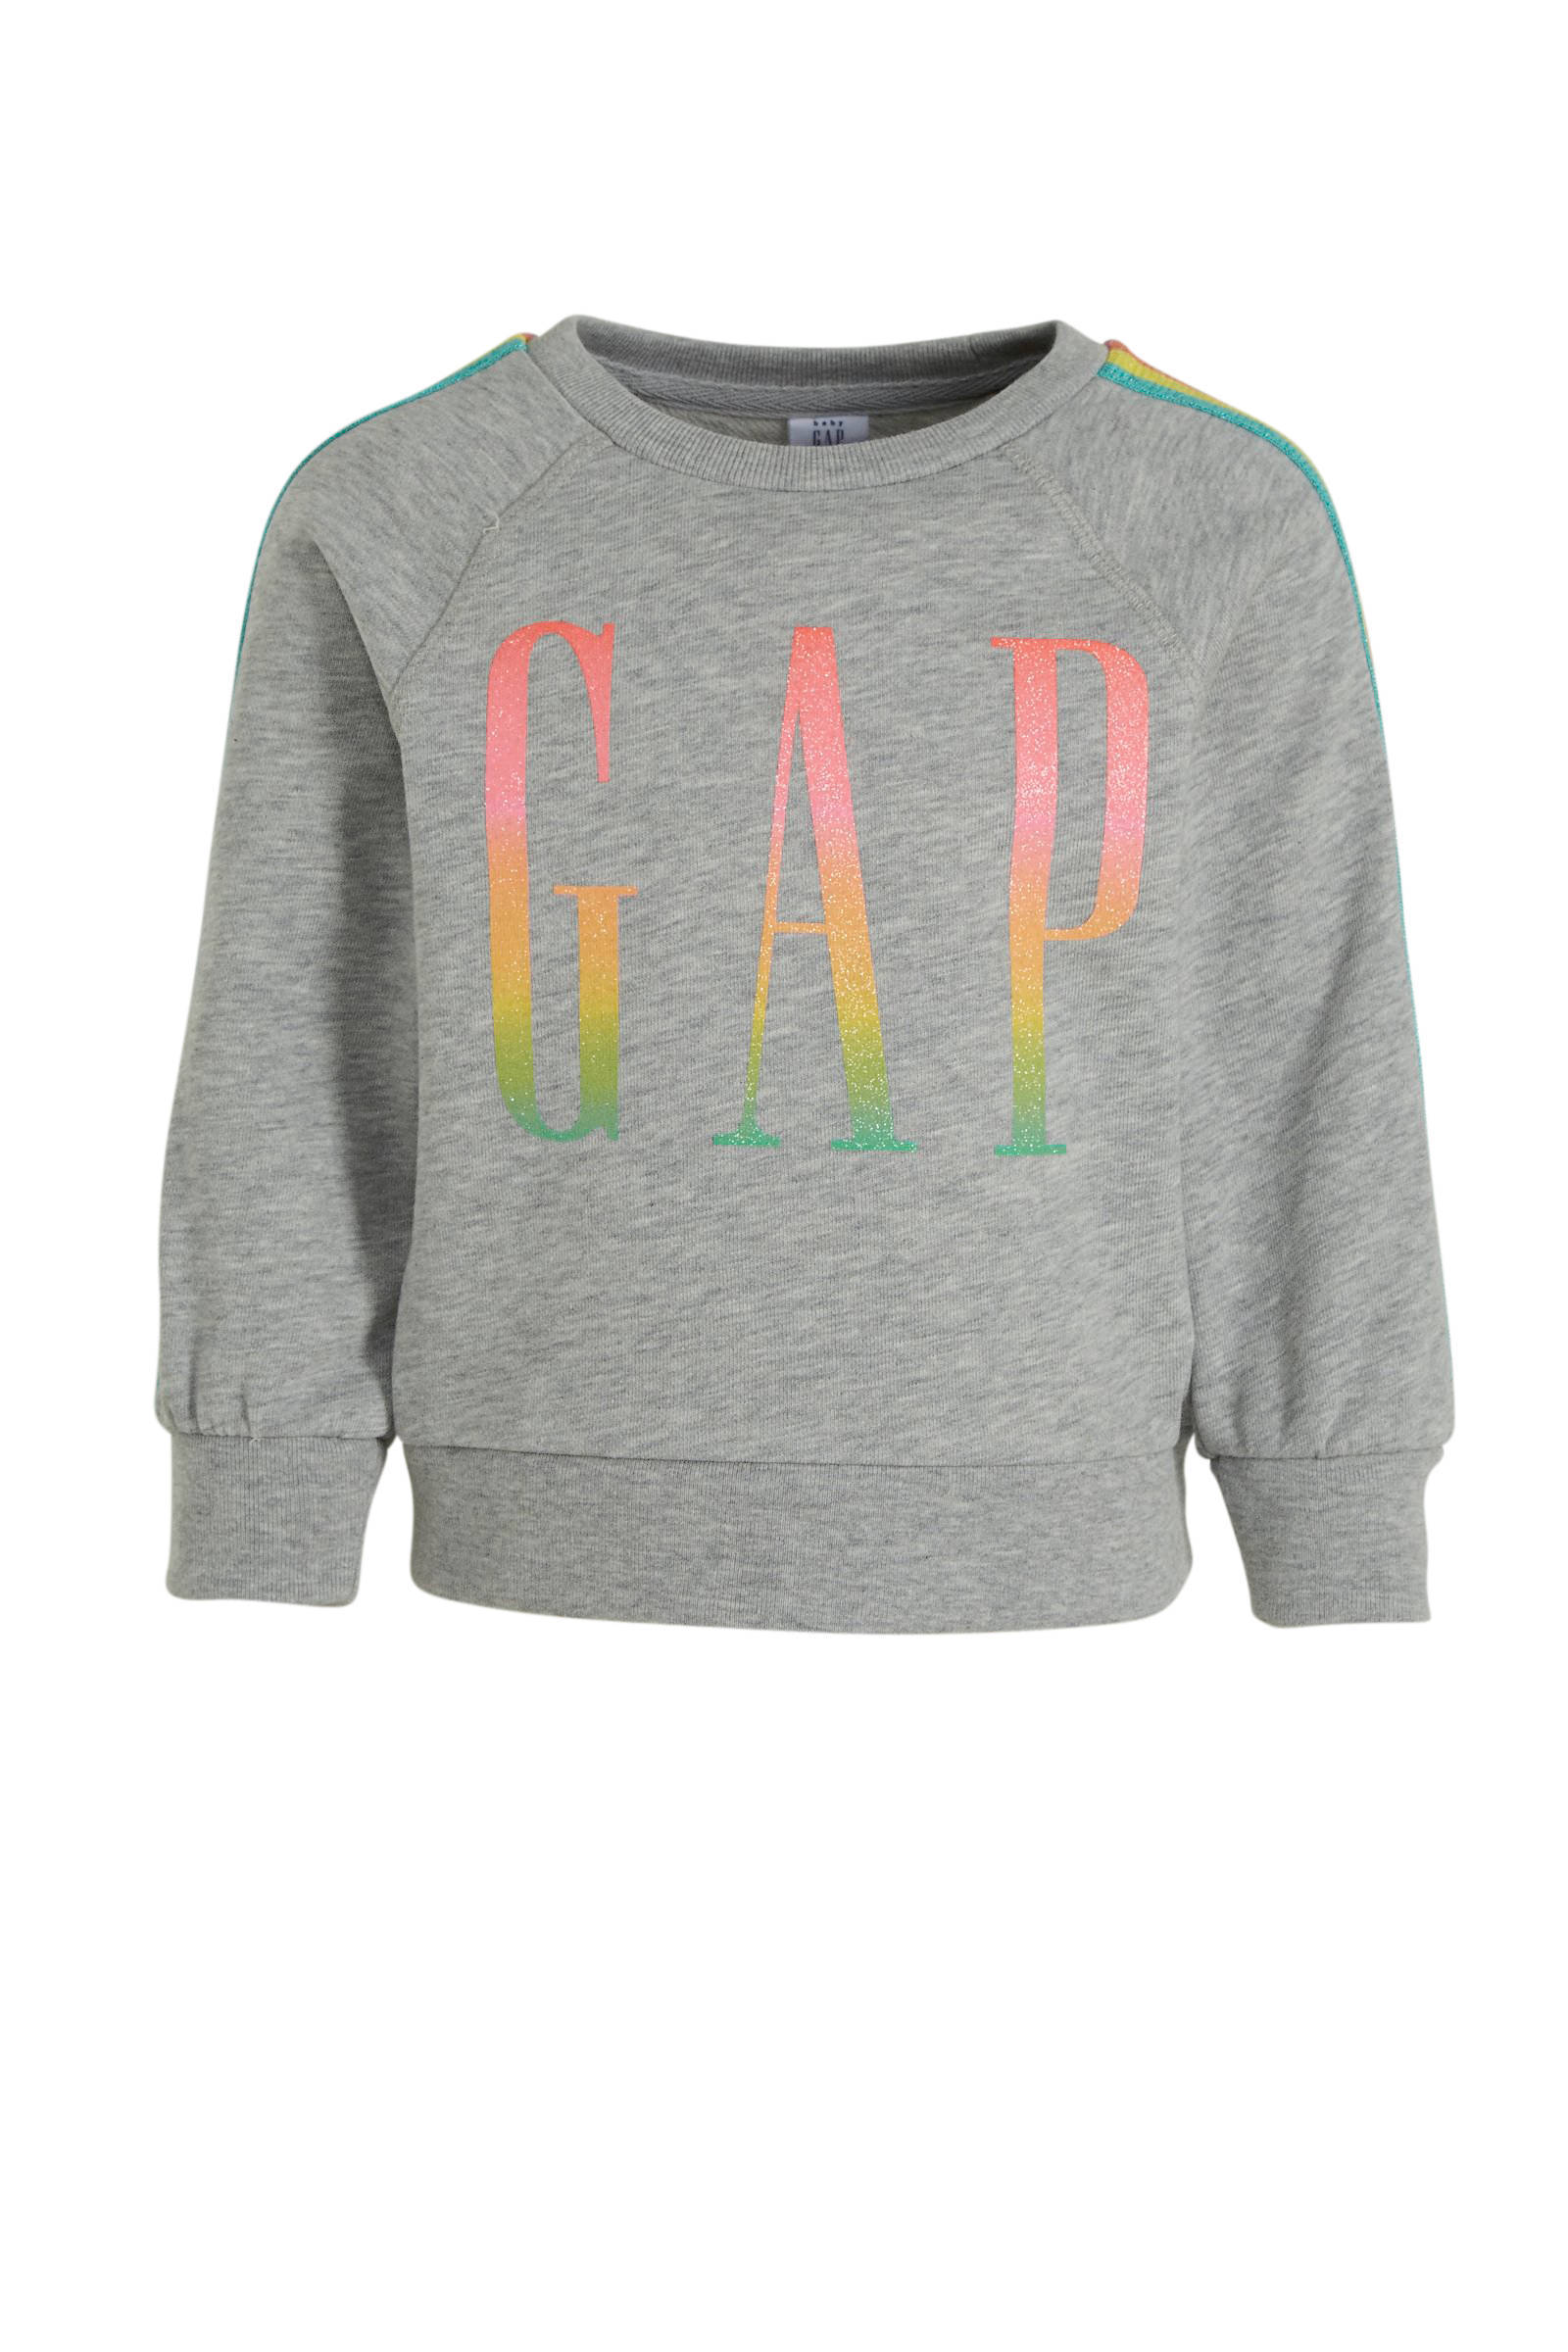 GAP baby sweater met tie dye dessin en logo rozewit   wehkamp